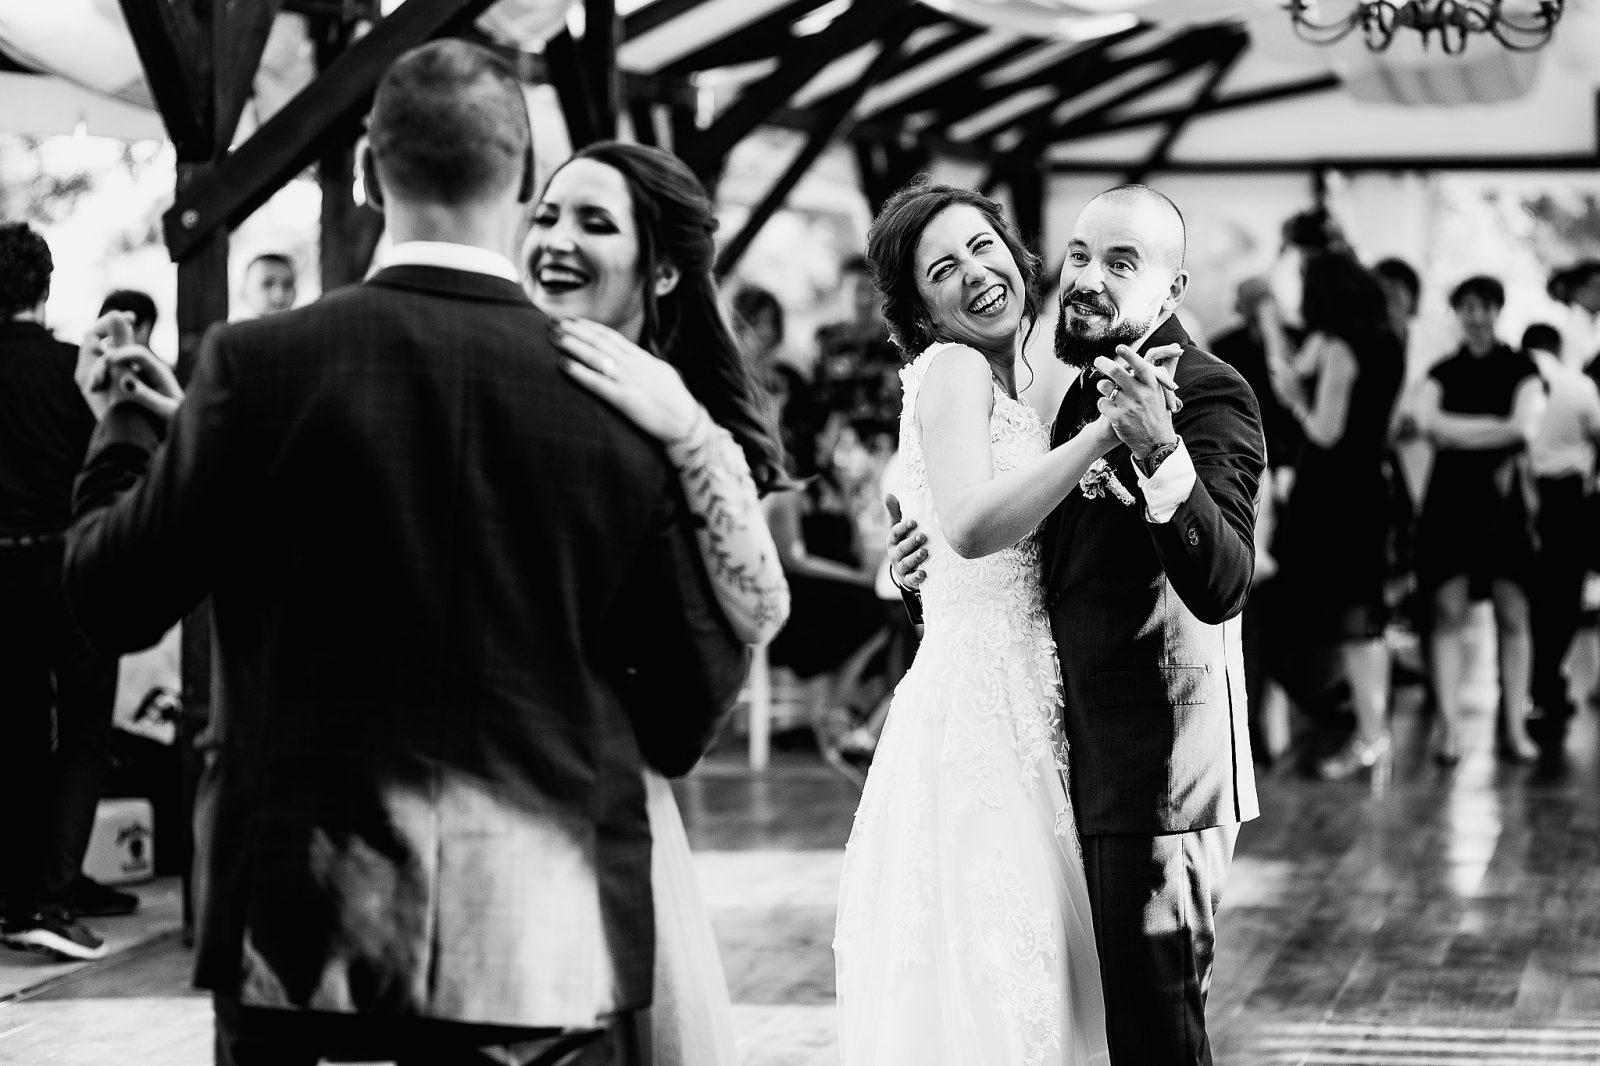 fotograf foto nunta mures cort ana voievodeni pachet nunta pret fotografie artistica creativa mire mireasa fotografii creative cezar buliga